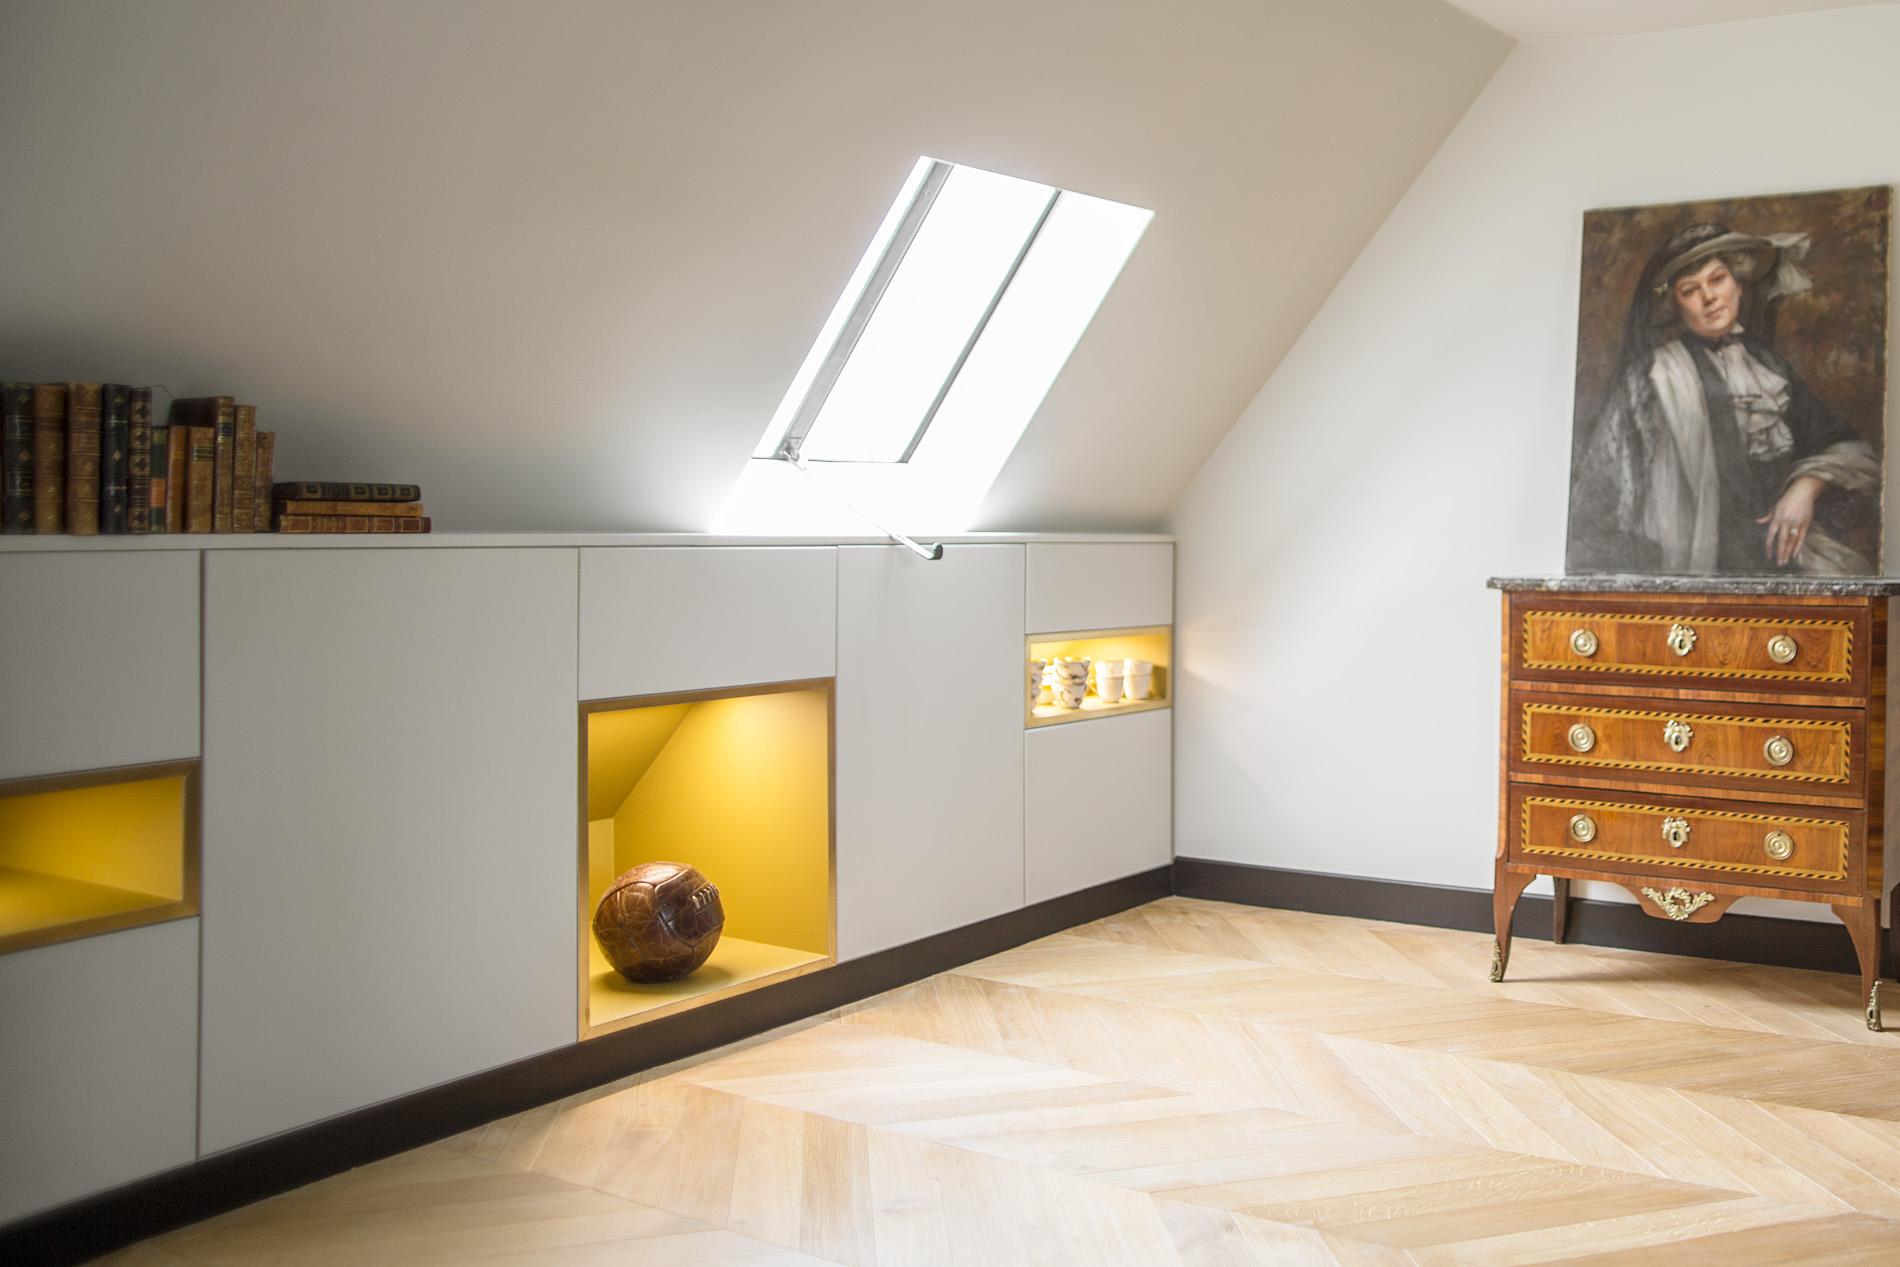 ban architecture renovation appartement paris interieur haussmannien combles comble or laiton grands boulevards 3